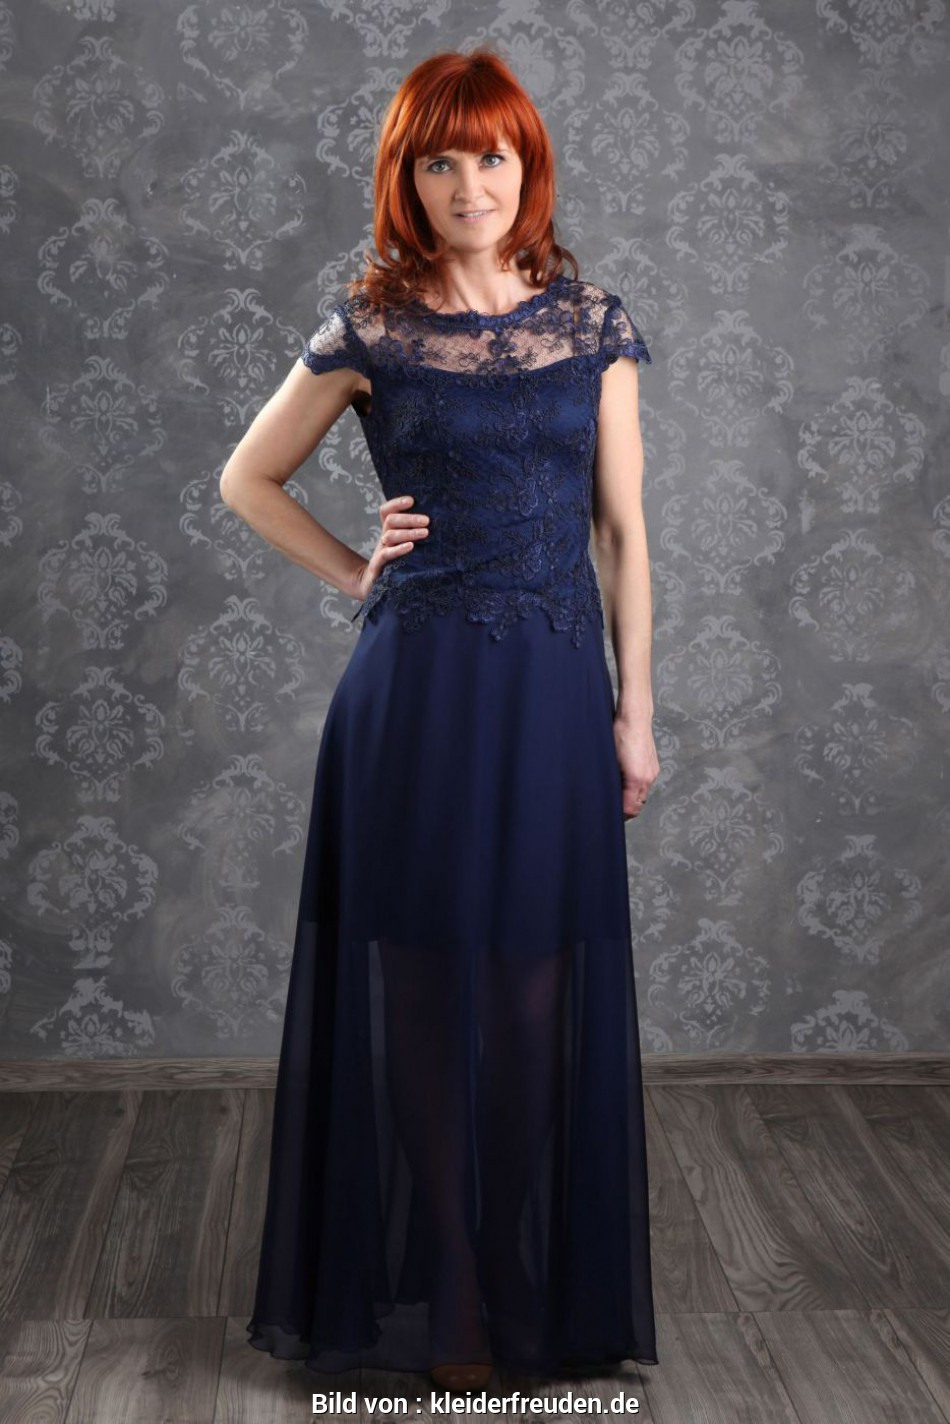 Formal Wunderbar Abendkleider Für Ältere Damen für 2019Designer Cool Abendkleider Für Ältere Damen Design